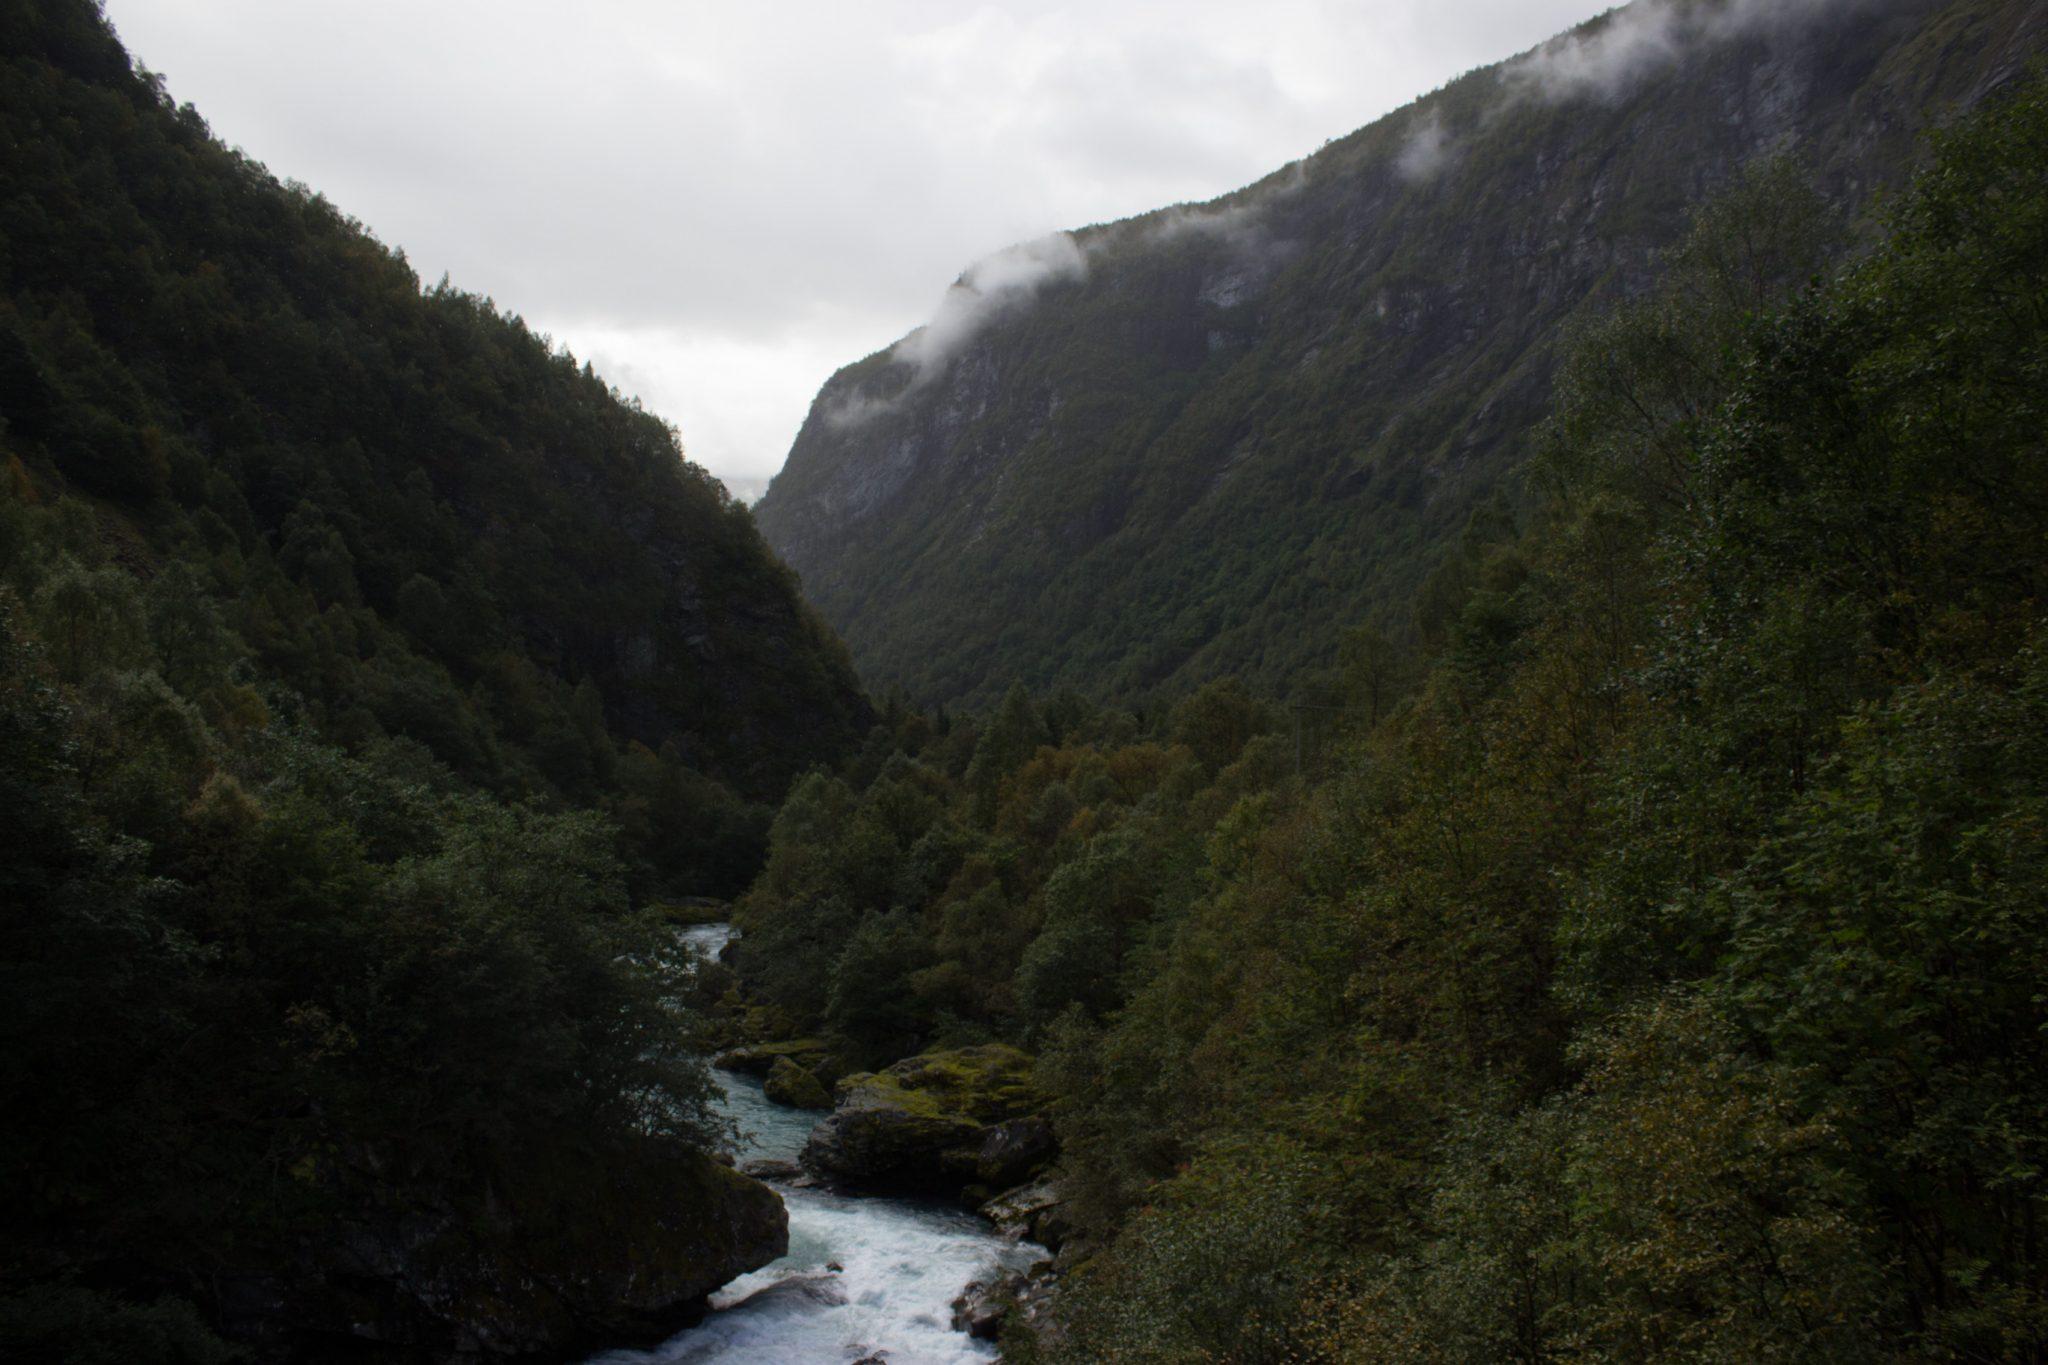 Wanderung zum Vettisfossen Wasserfall, höchster unregulierter Wasserfall in Norwegen, Blick von Brücke auf sehr klares Wasser im Fluß und schönen Wald umringt von Bergen